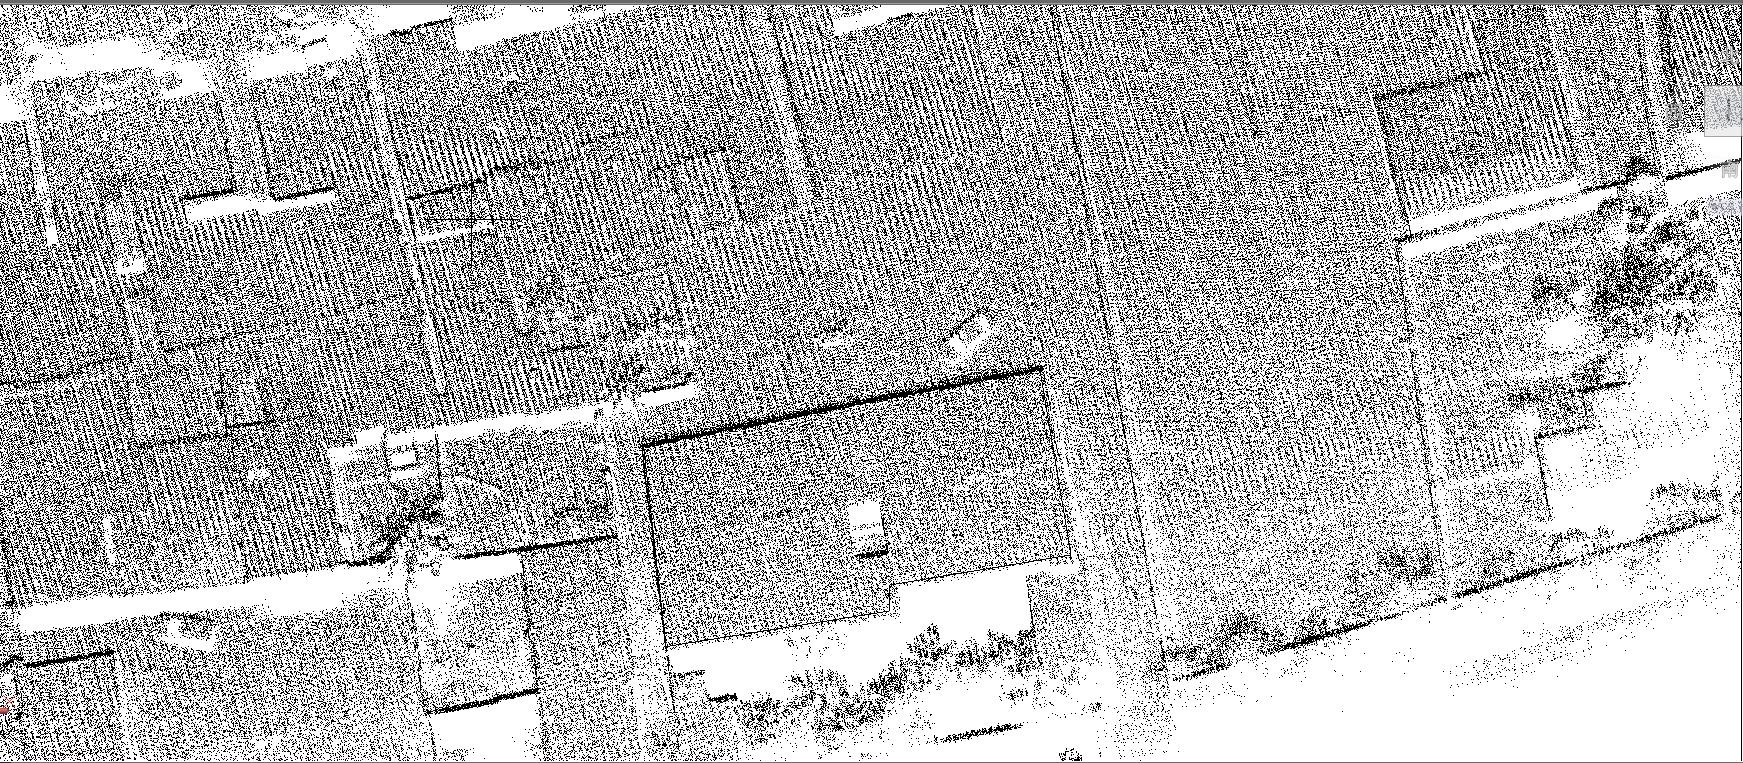 機載激光雷達系統在複雜地形測量中的應用,複雜地形測量中地形圖制作中的地物繪制展示圖,華測激光雷達系統應用于複雜地形測量中的案例分享